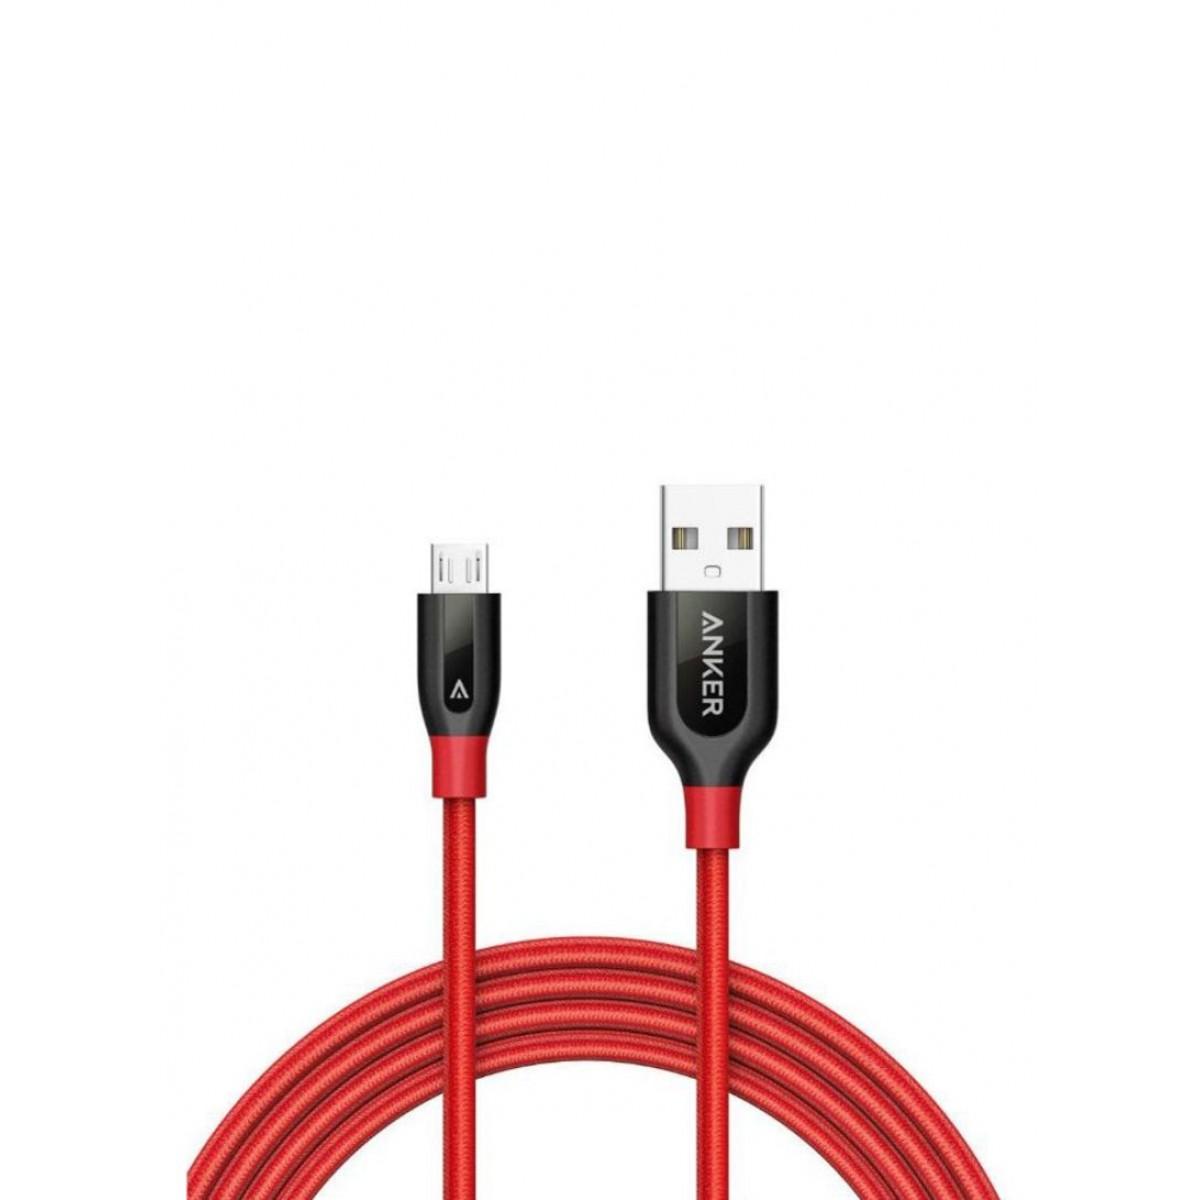 كابل باور لاين بمنفذ Micro USB للشحن ومزامنة البيانات أحمر وأسود 6 قدم